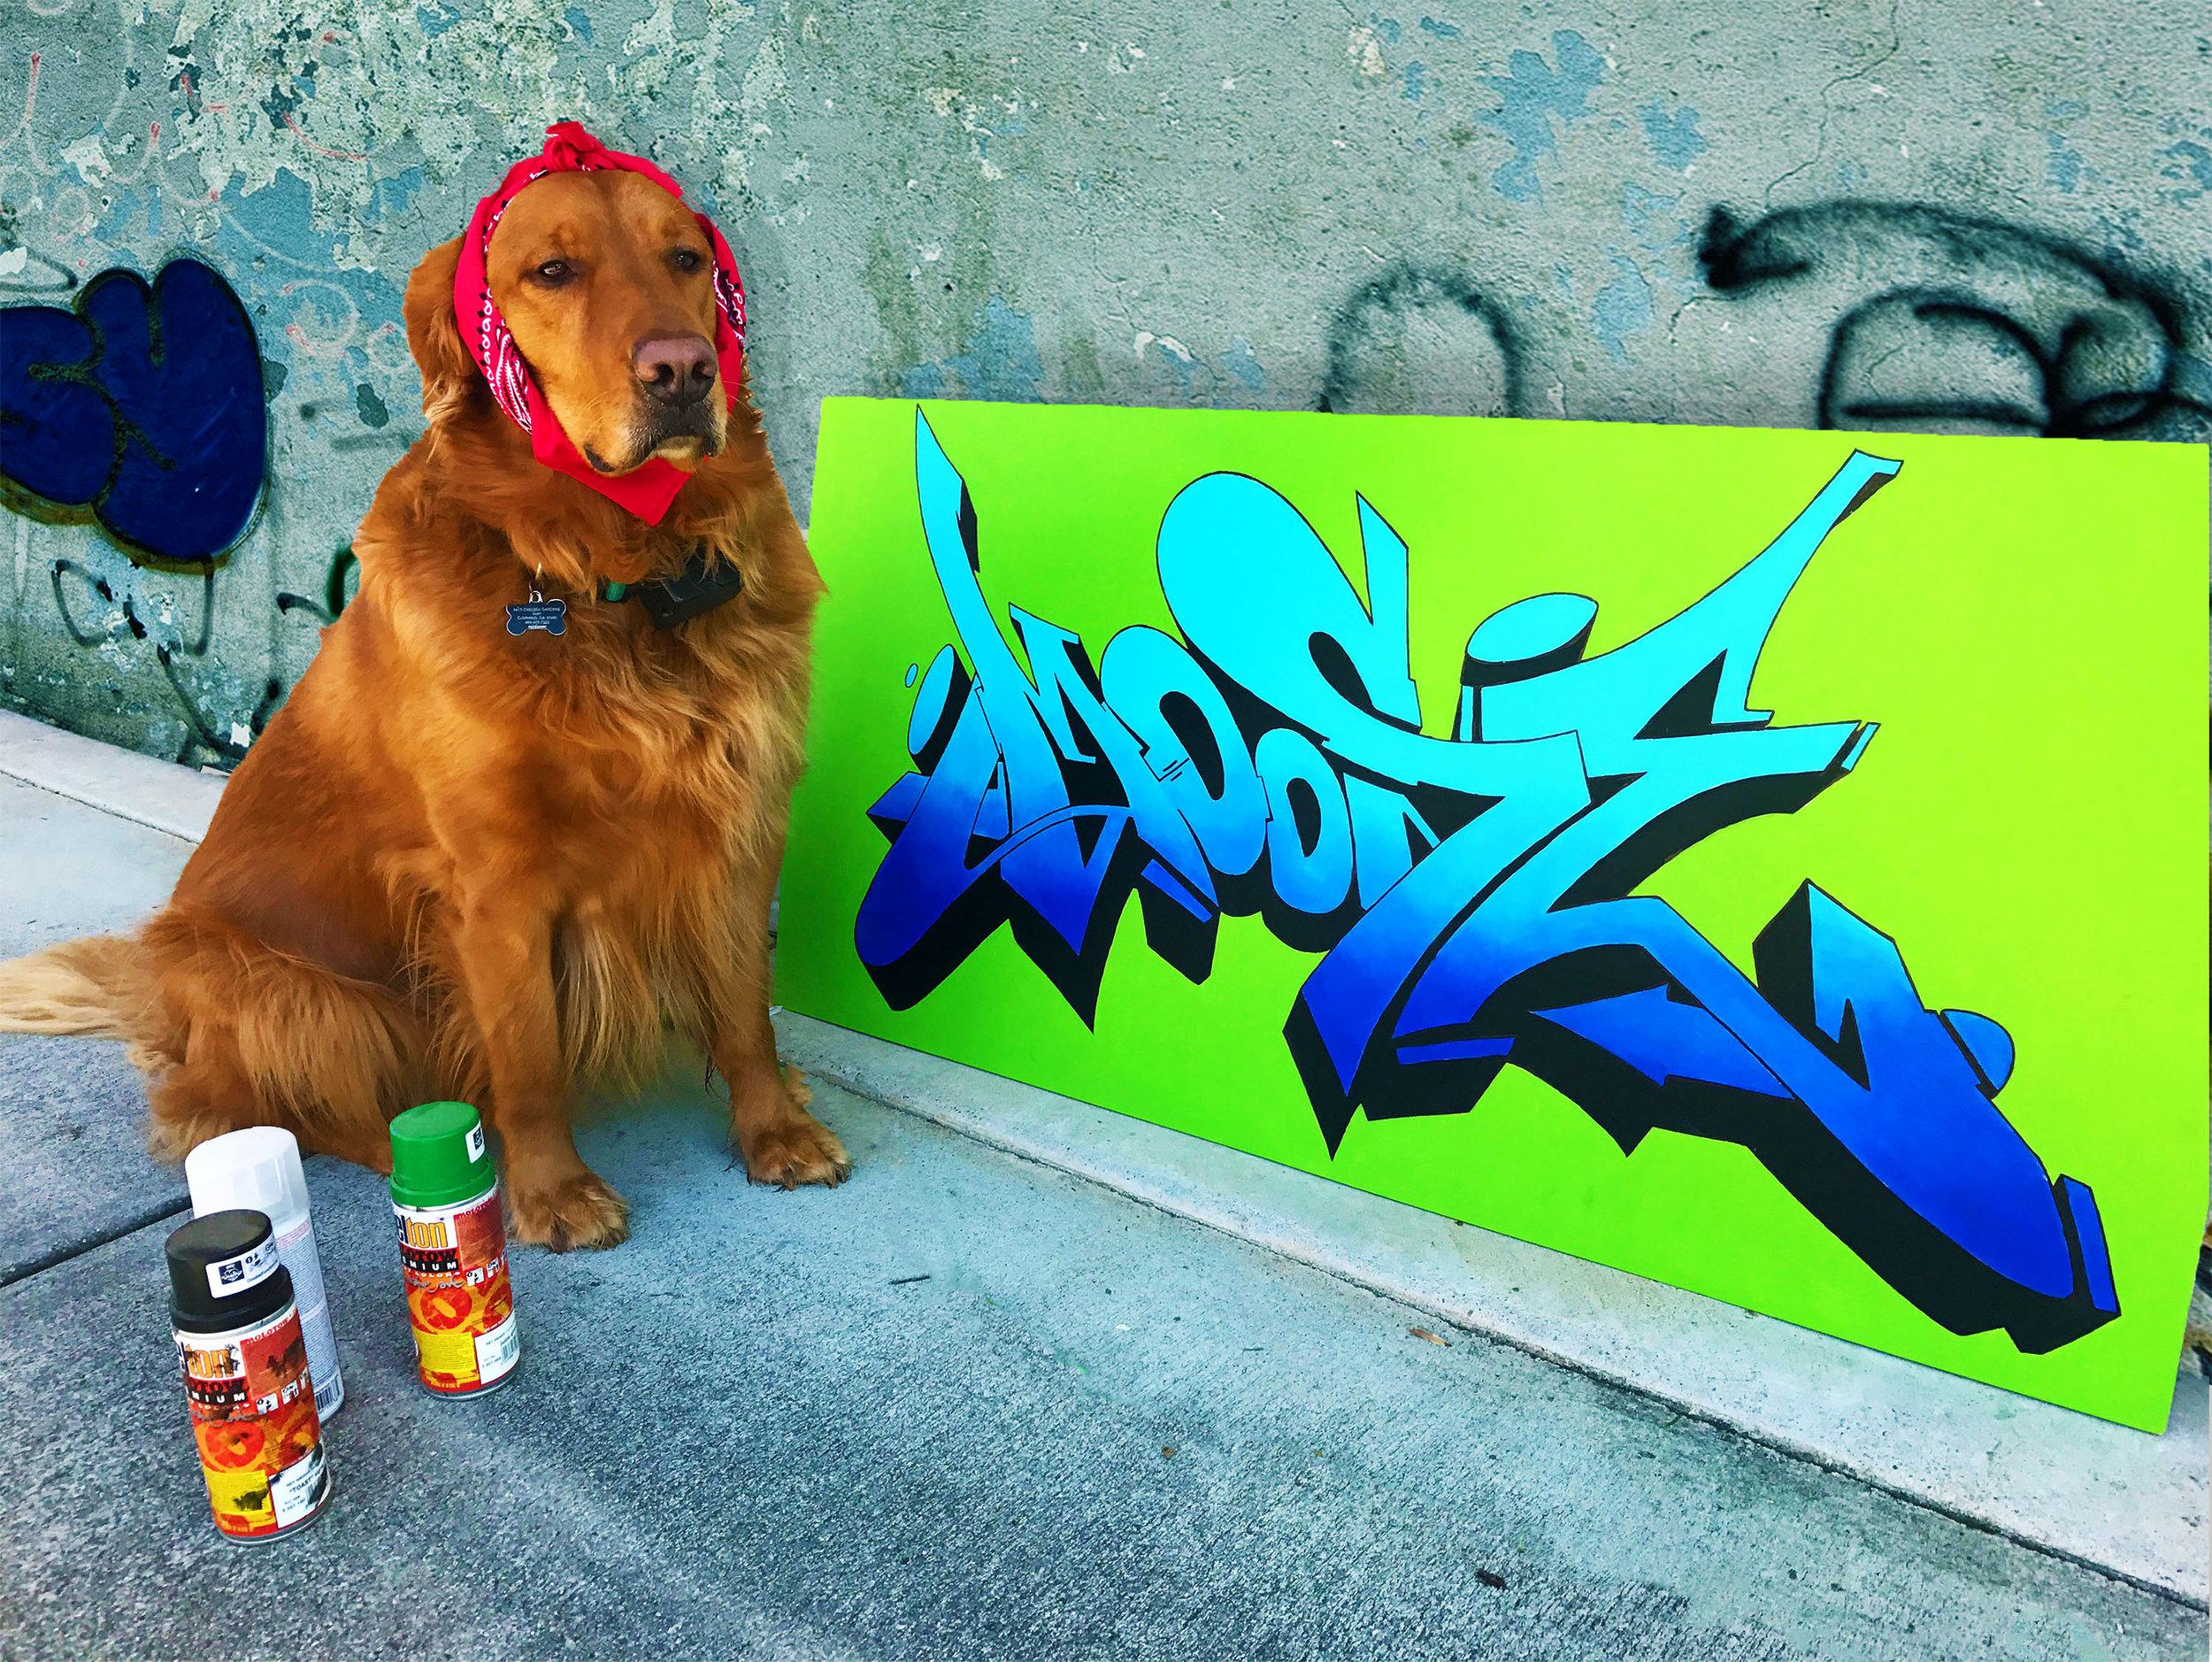 moosegraffiti copy.jpg